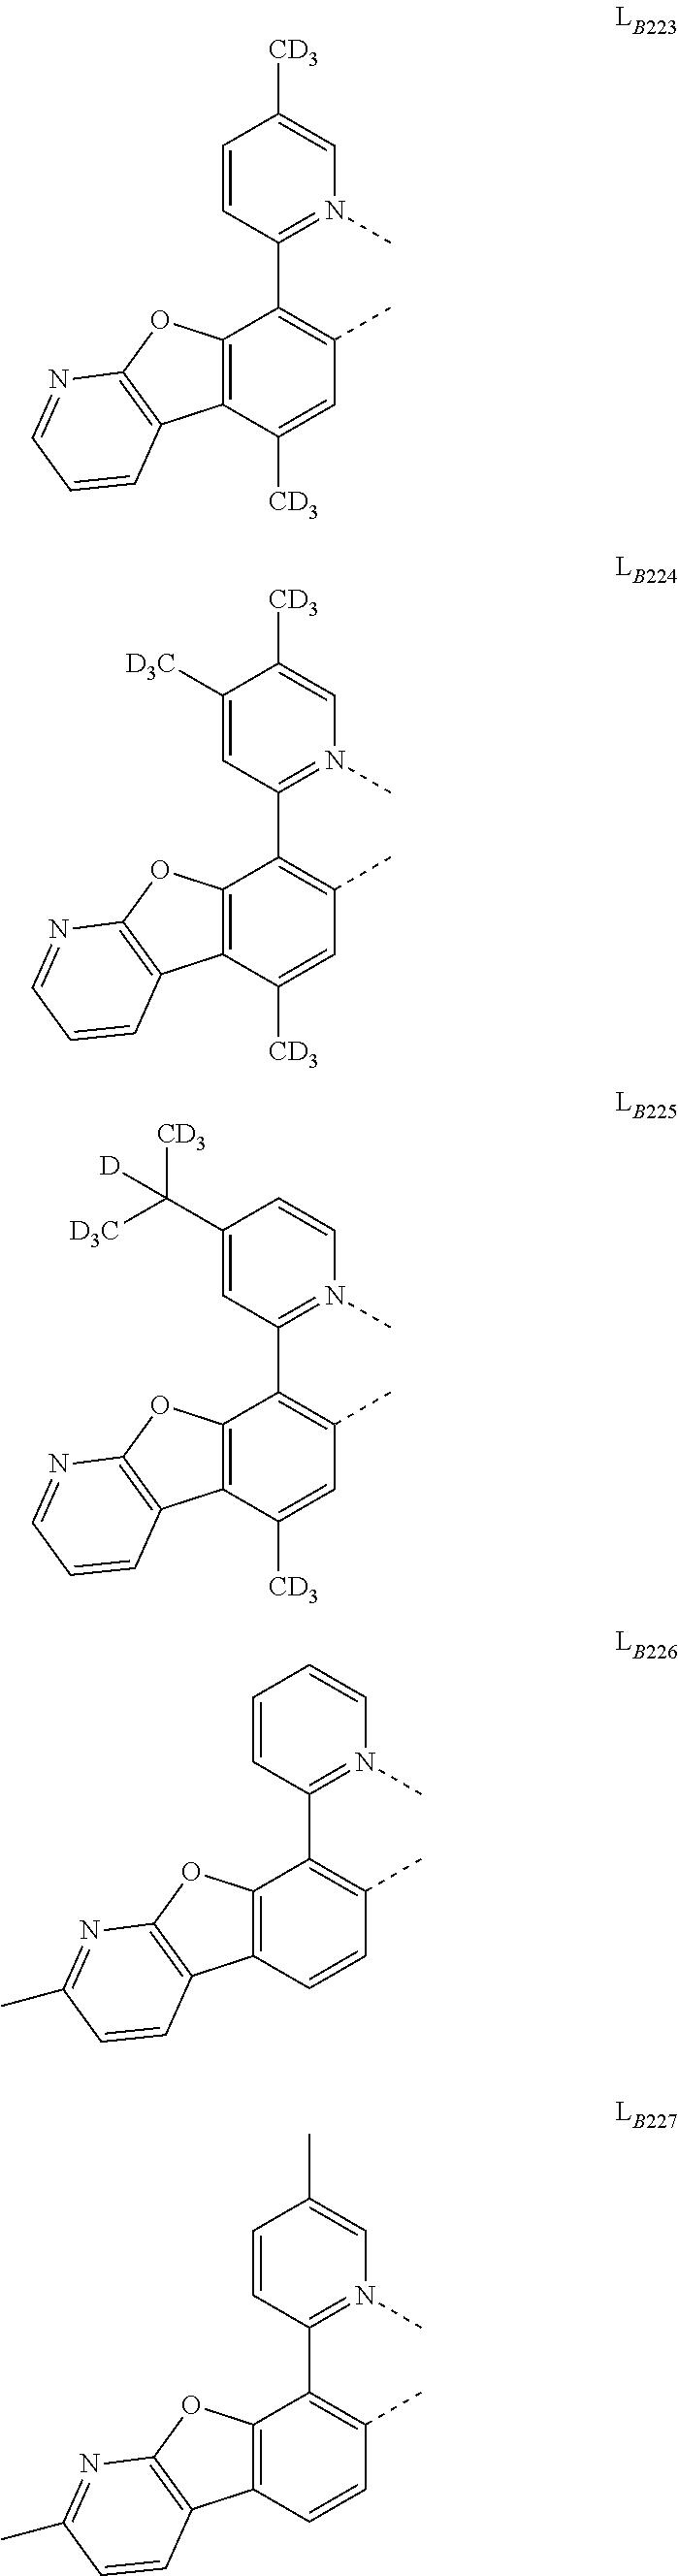 Figure US09929360-20180327-C00262